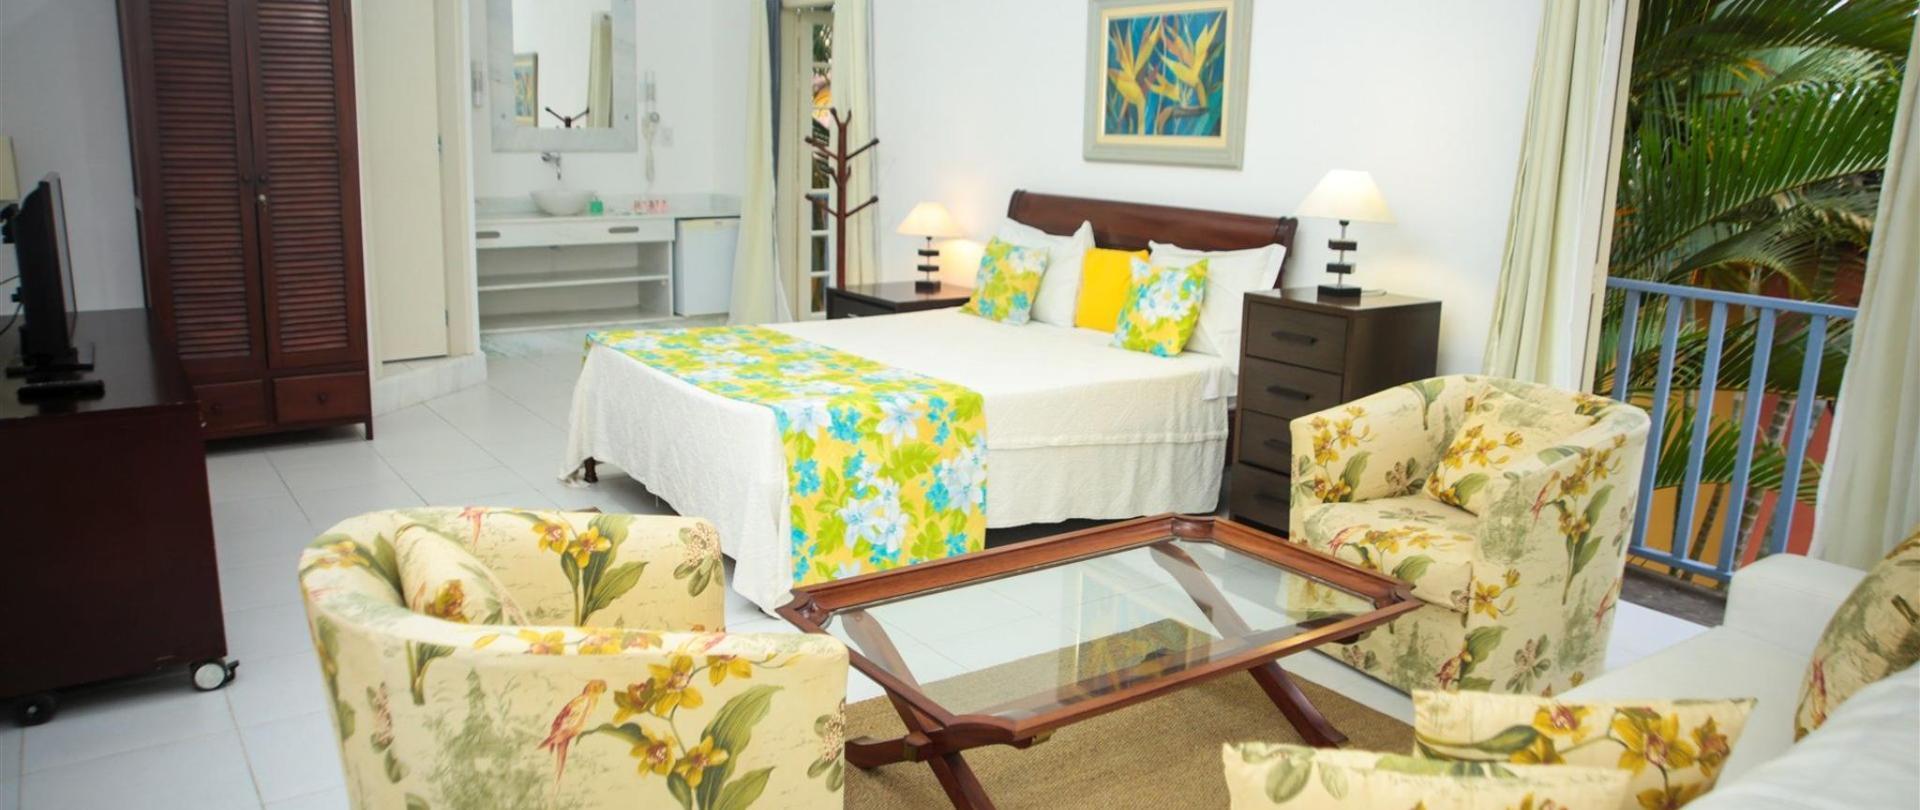 Pousada Villa del Sol - Parati - Brasil2.jpg